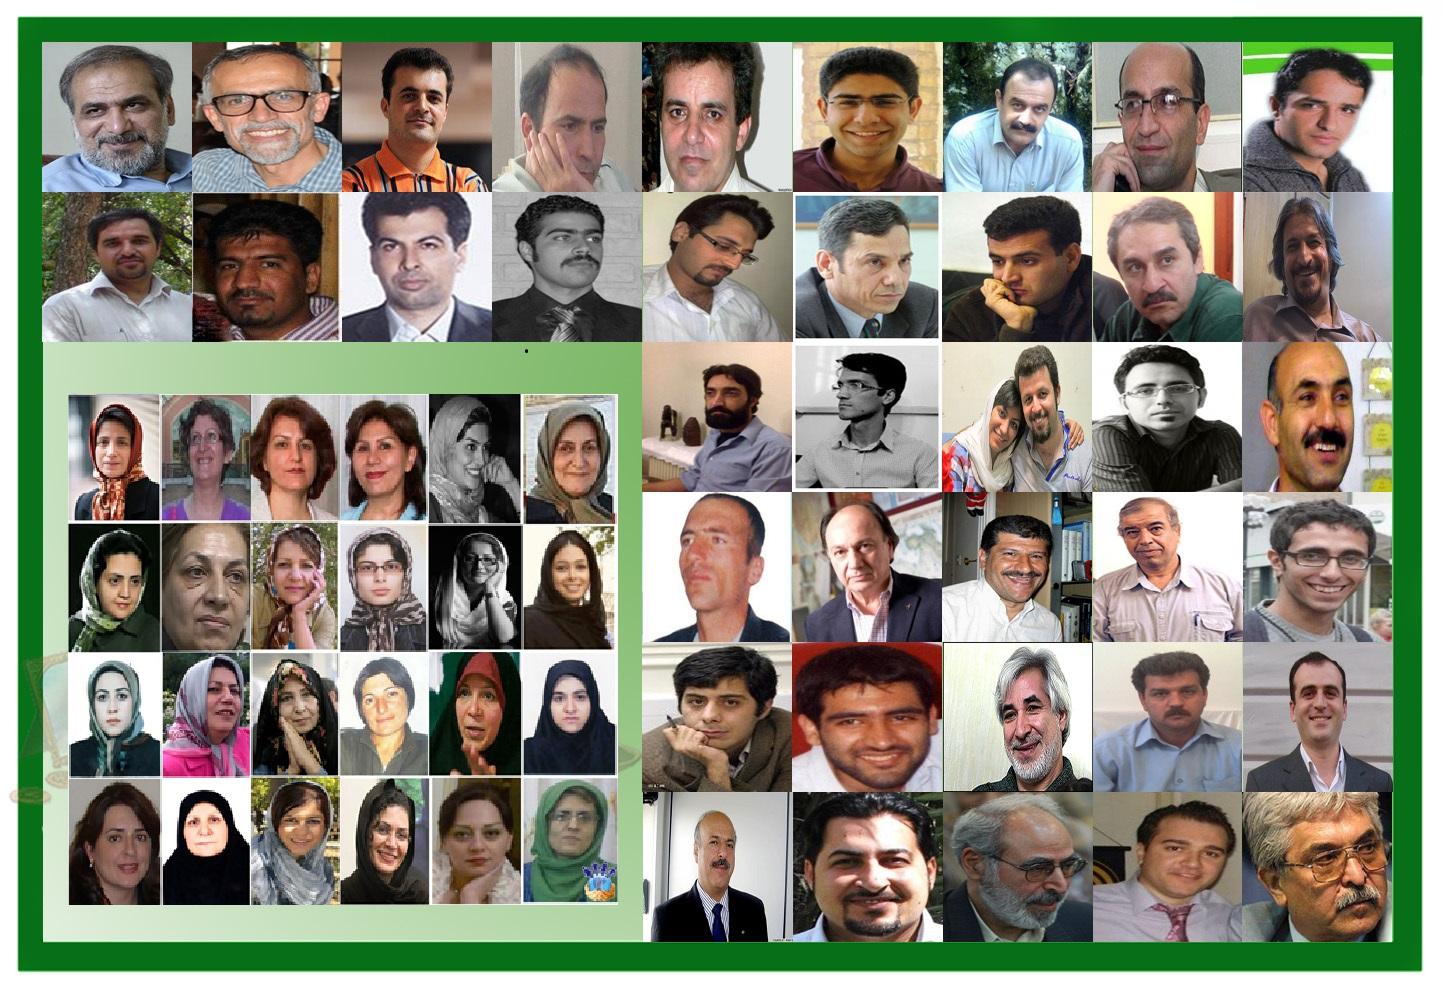 چرا در زندان های ایران  اعتصاب غذا به امری روزمره تبدیل شده است؟ منصوره بهکیش